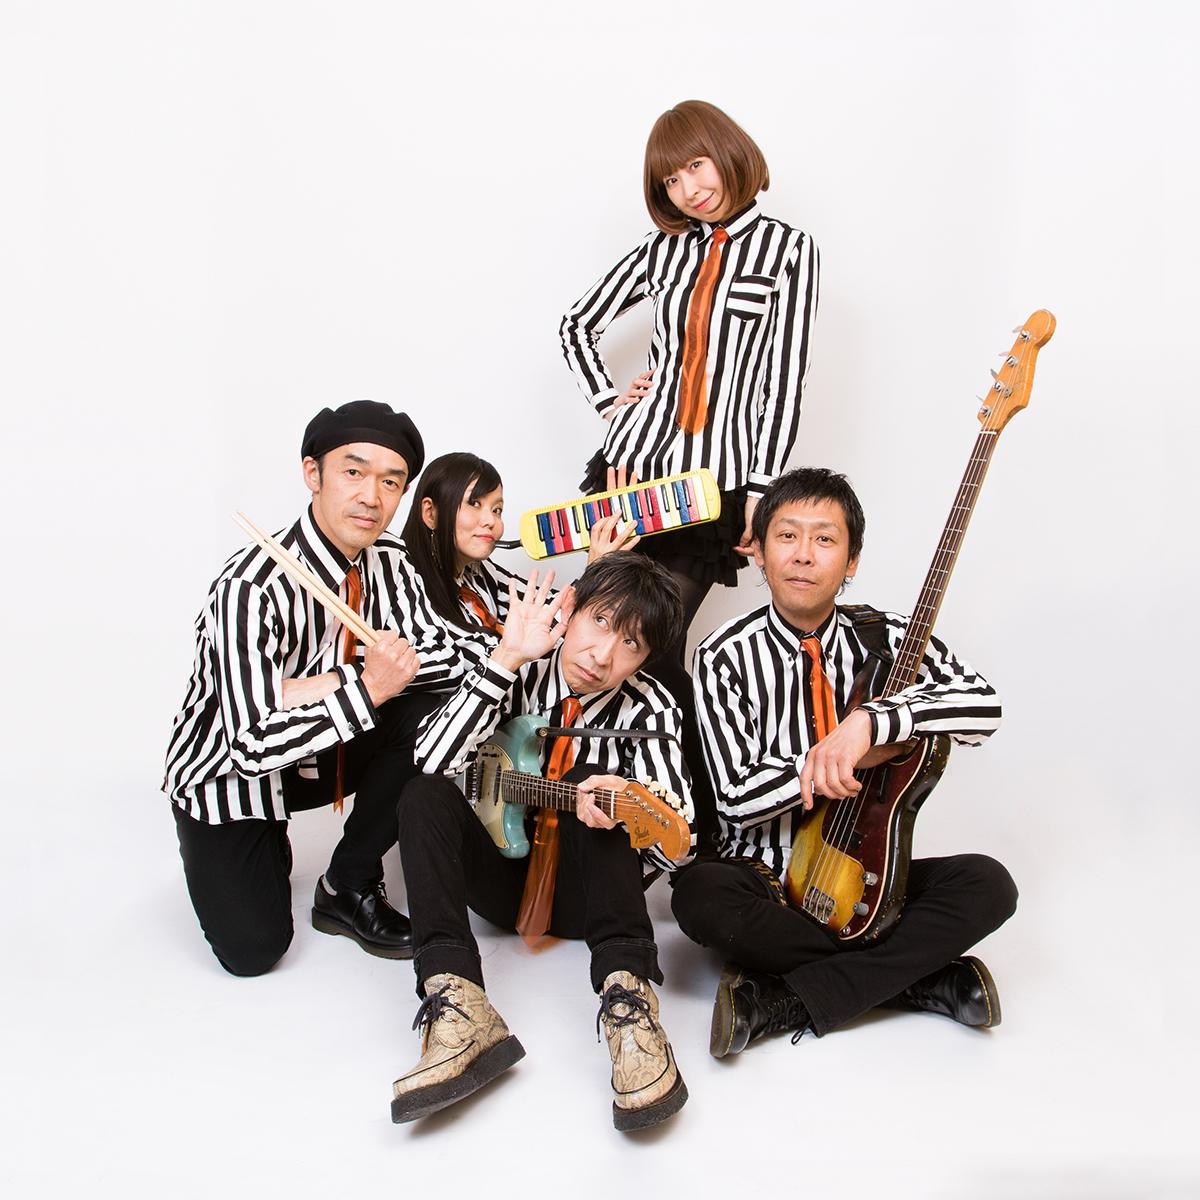 RMMS-Budo-Grape-Quminco-Tokusatsu-Gagaga-Ep2-C